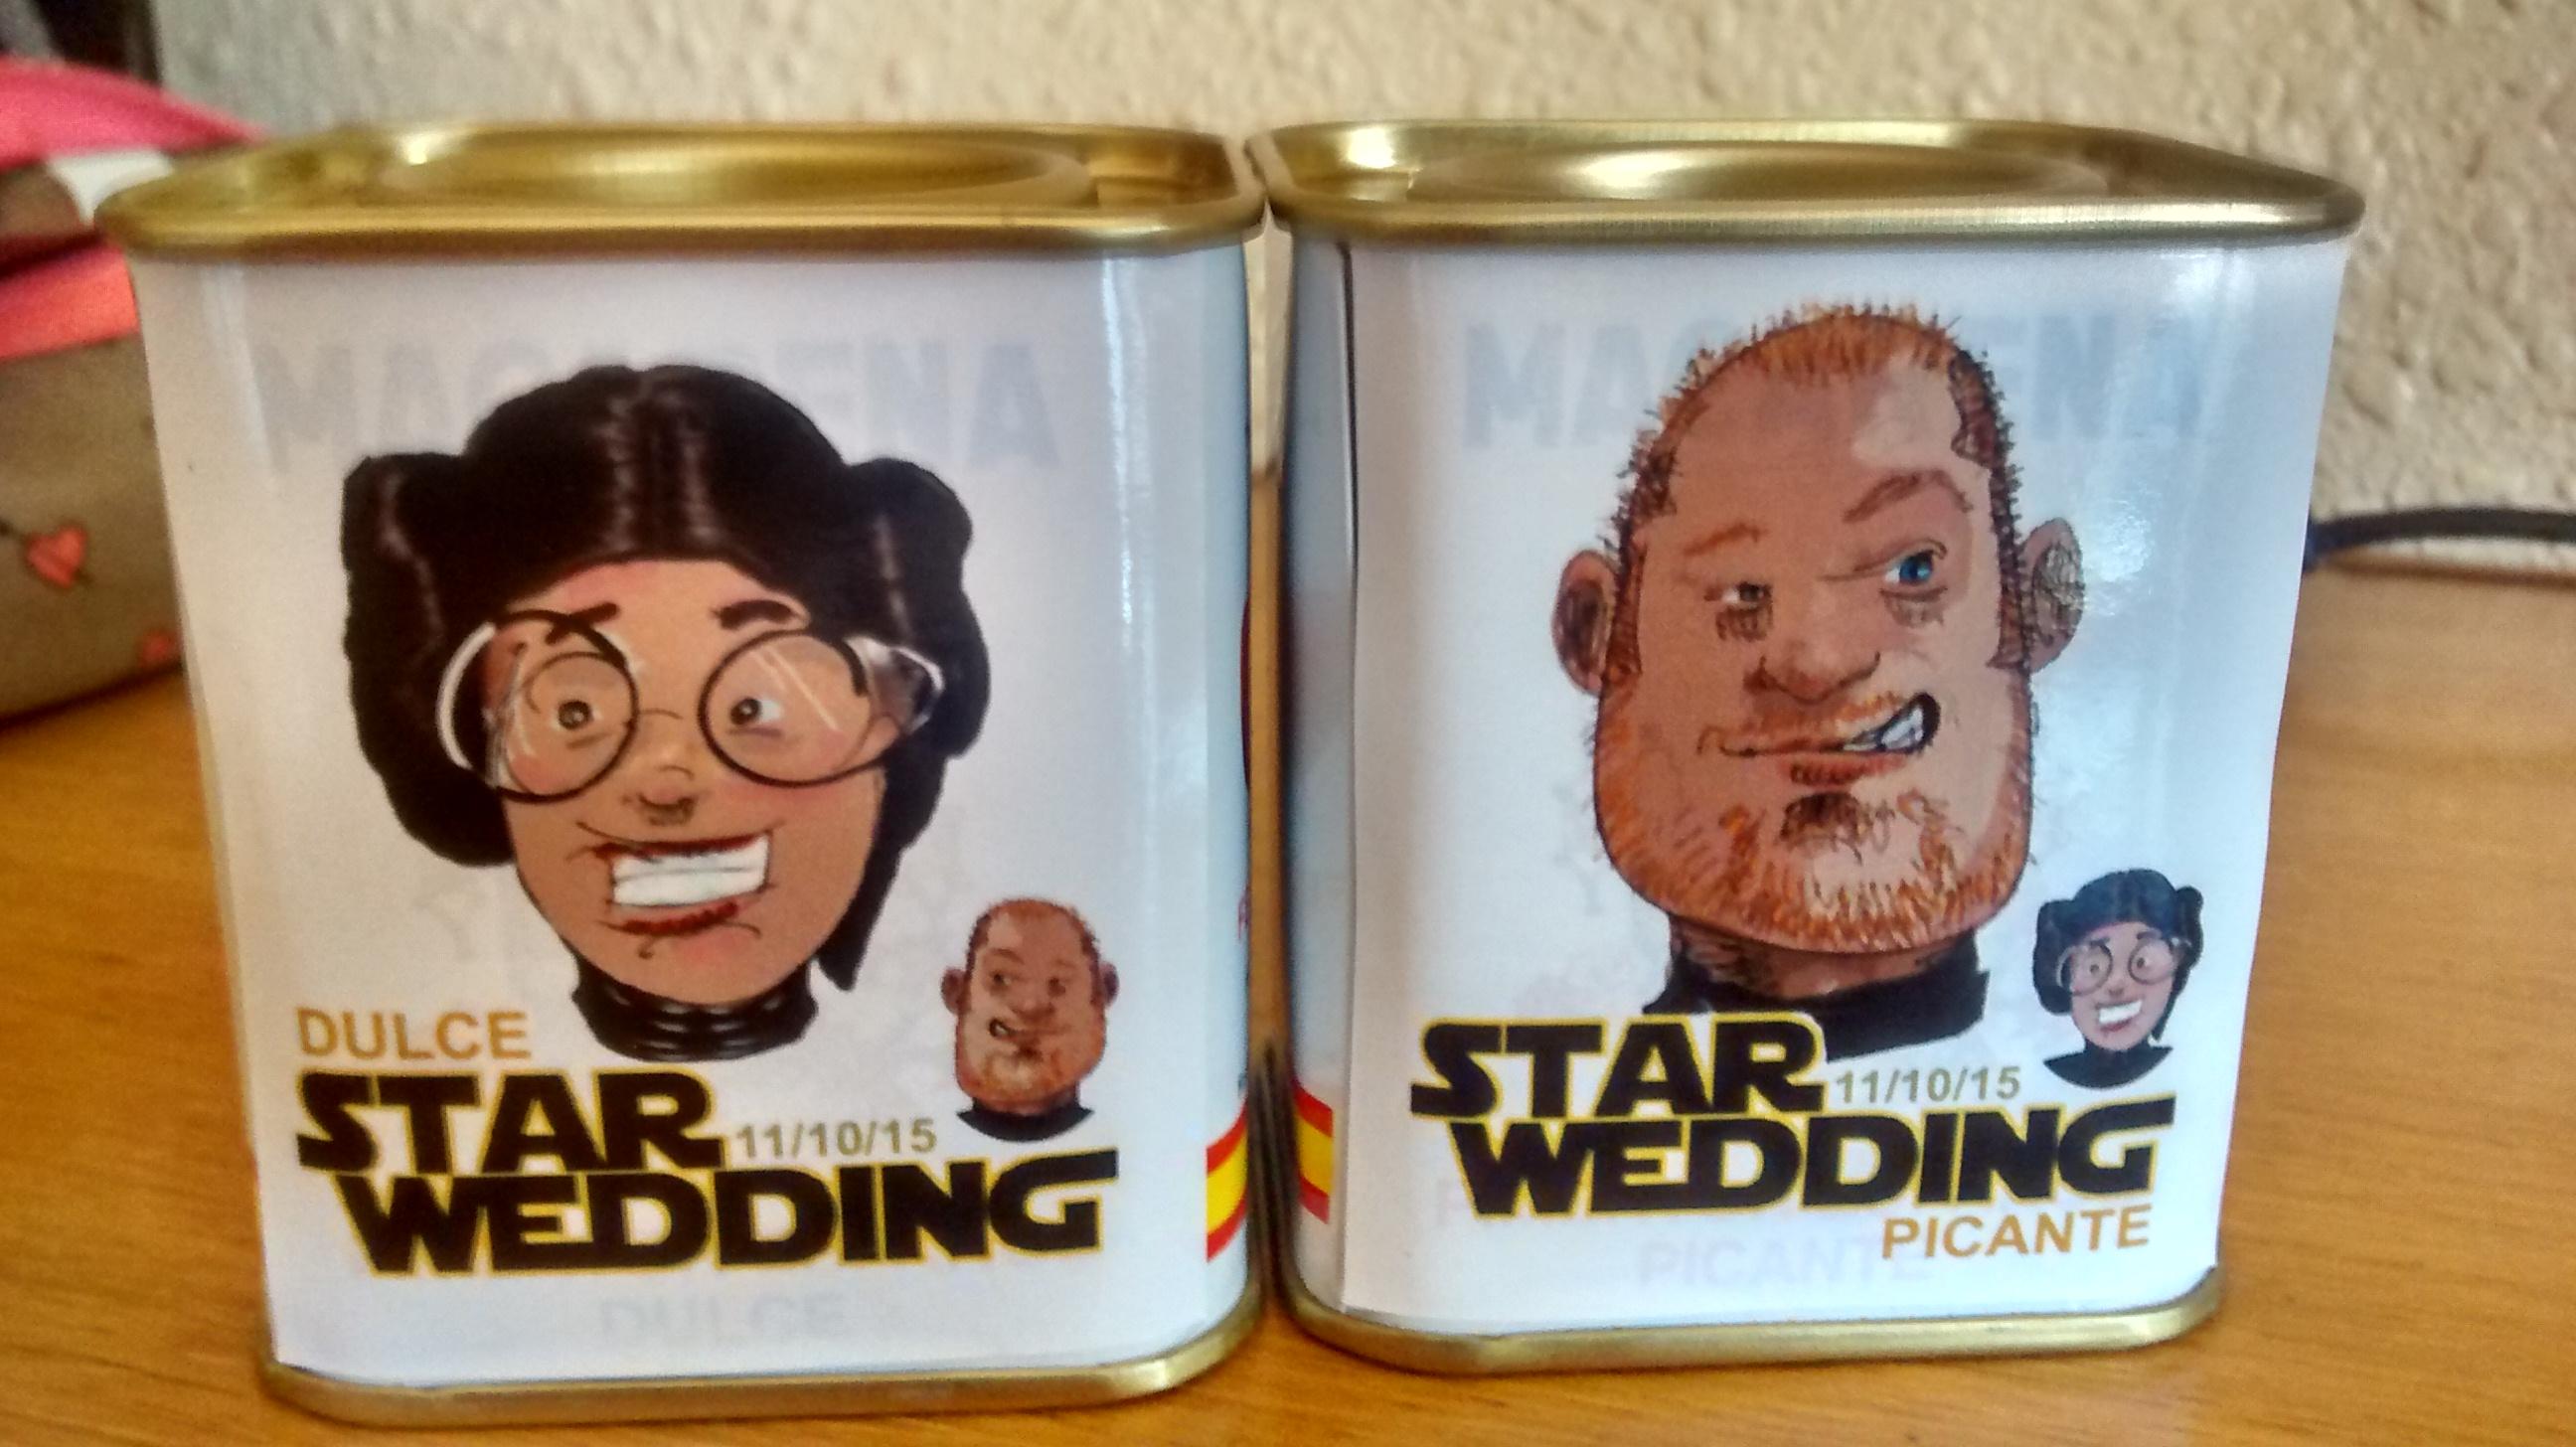 Recordatorios de la Star Wedding, pimentón dulce y picante.